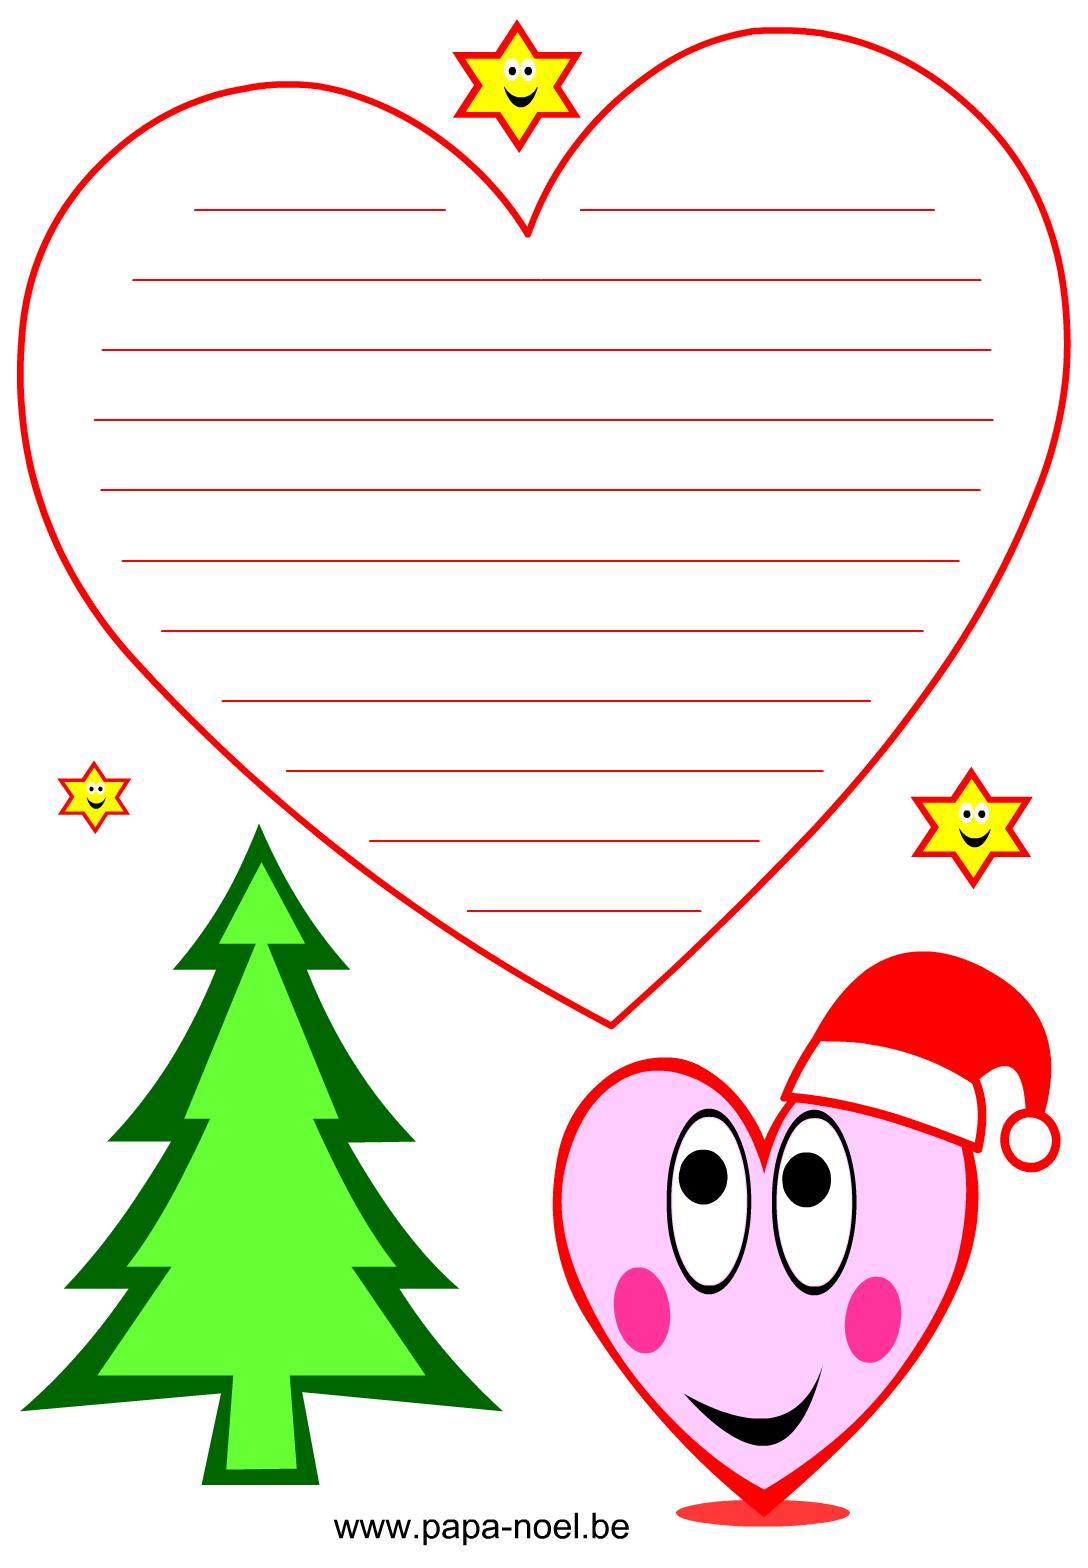 Papier A Lettre Noel À Imprimer Noël Gratuit Lettres Dessin à Papier À Lettre Père Noel À Imprimer Gratuitement